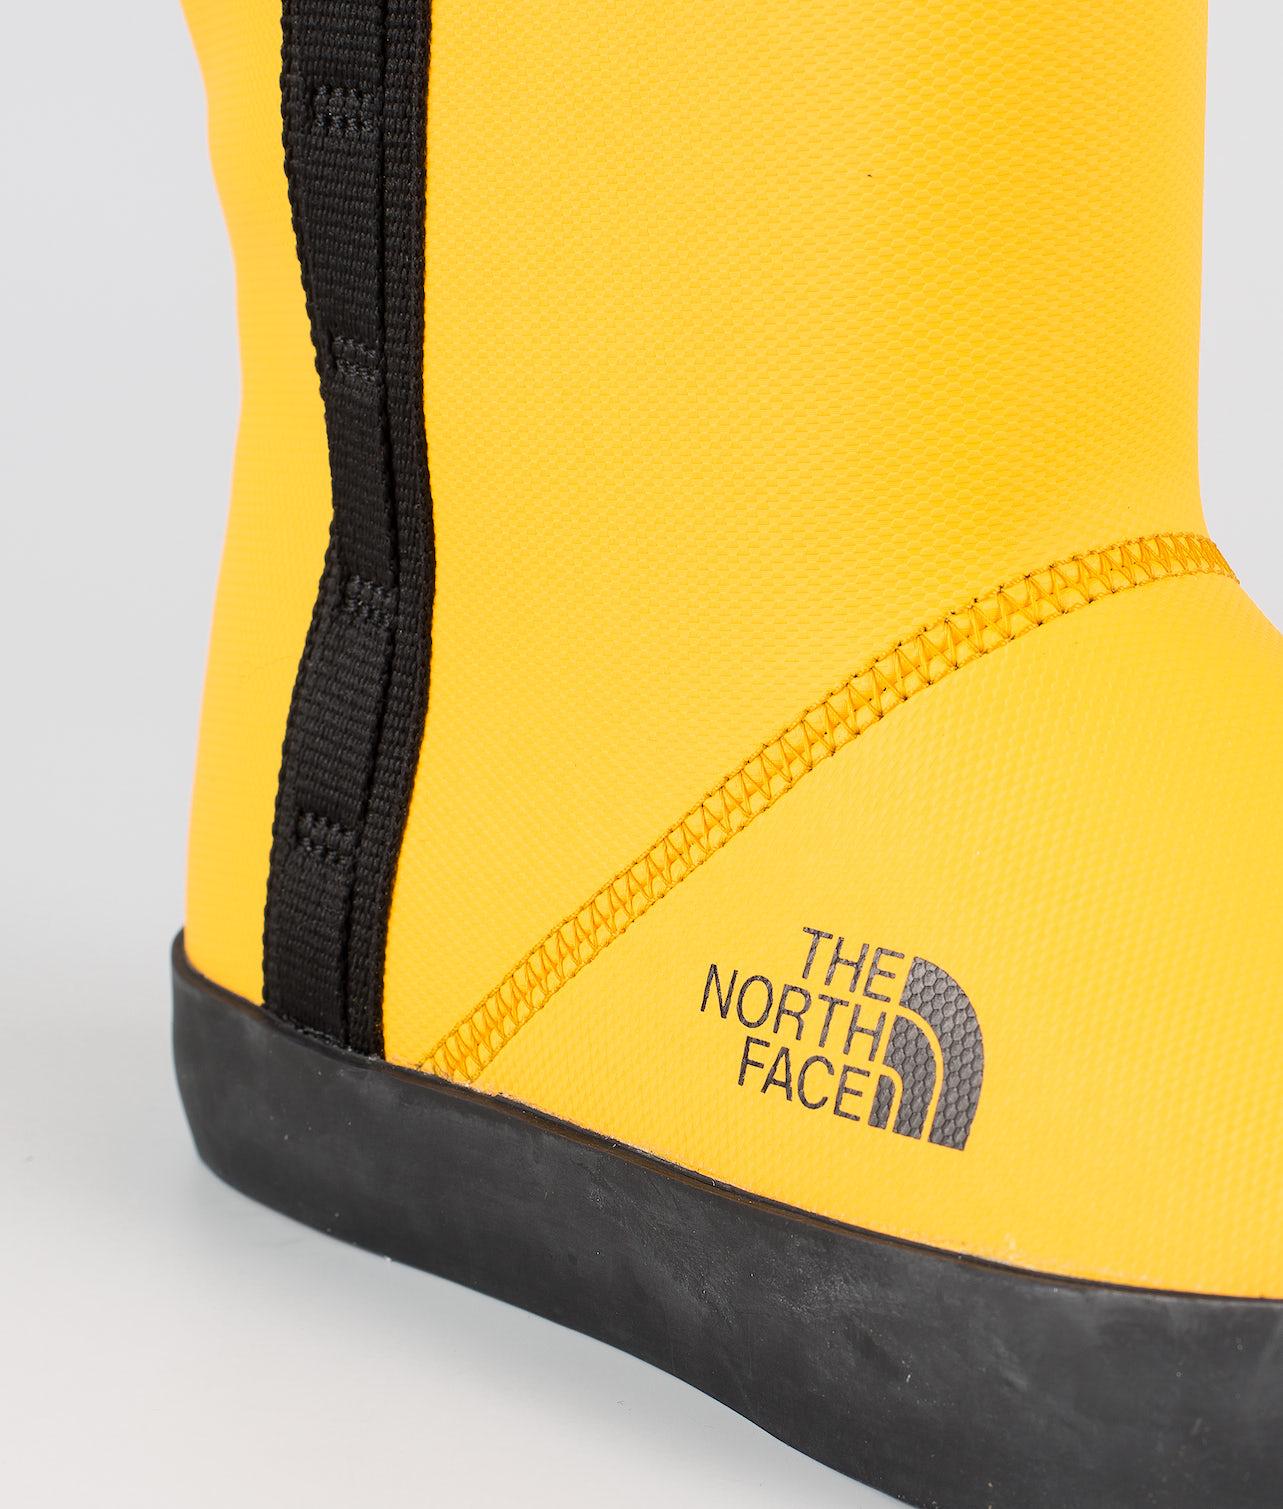 Tilaa Bscmp Rain Bt Shrt Ulkoilukengät tuotemerkiltä The North Face Ridestore.fi:stä. - Ilmaiset toimitukset, palautukset ja 30 pv:n palautusoikeudet.